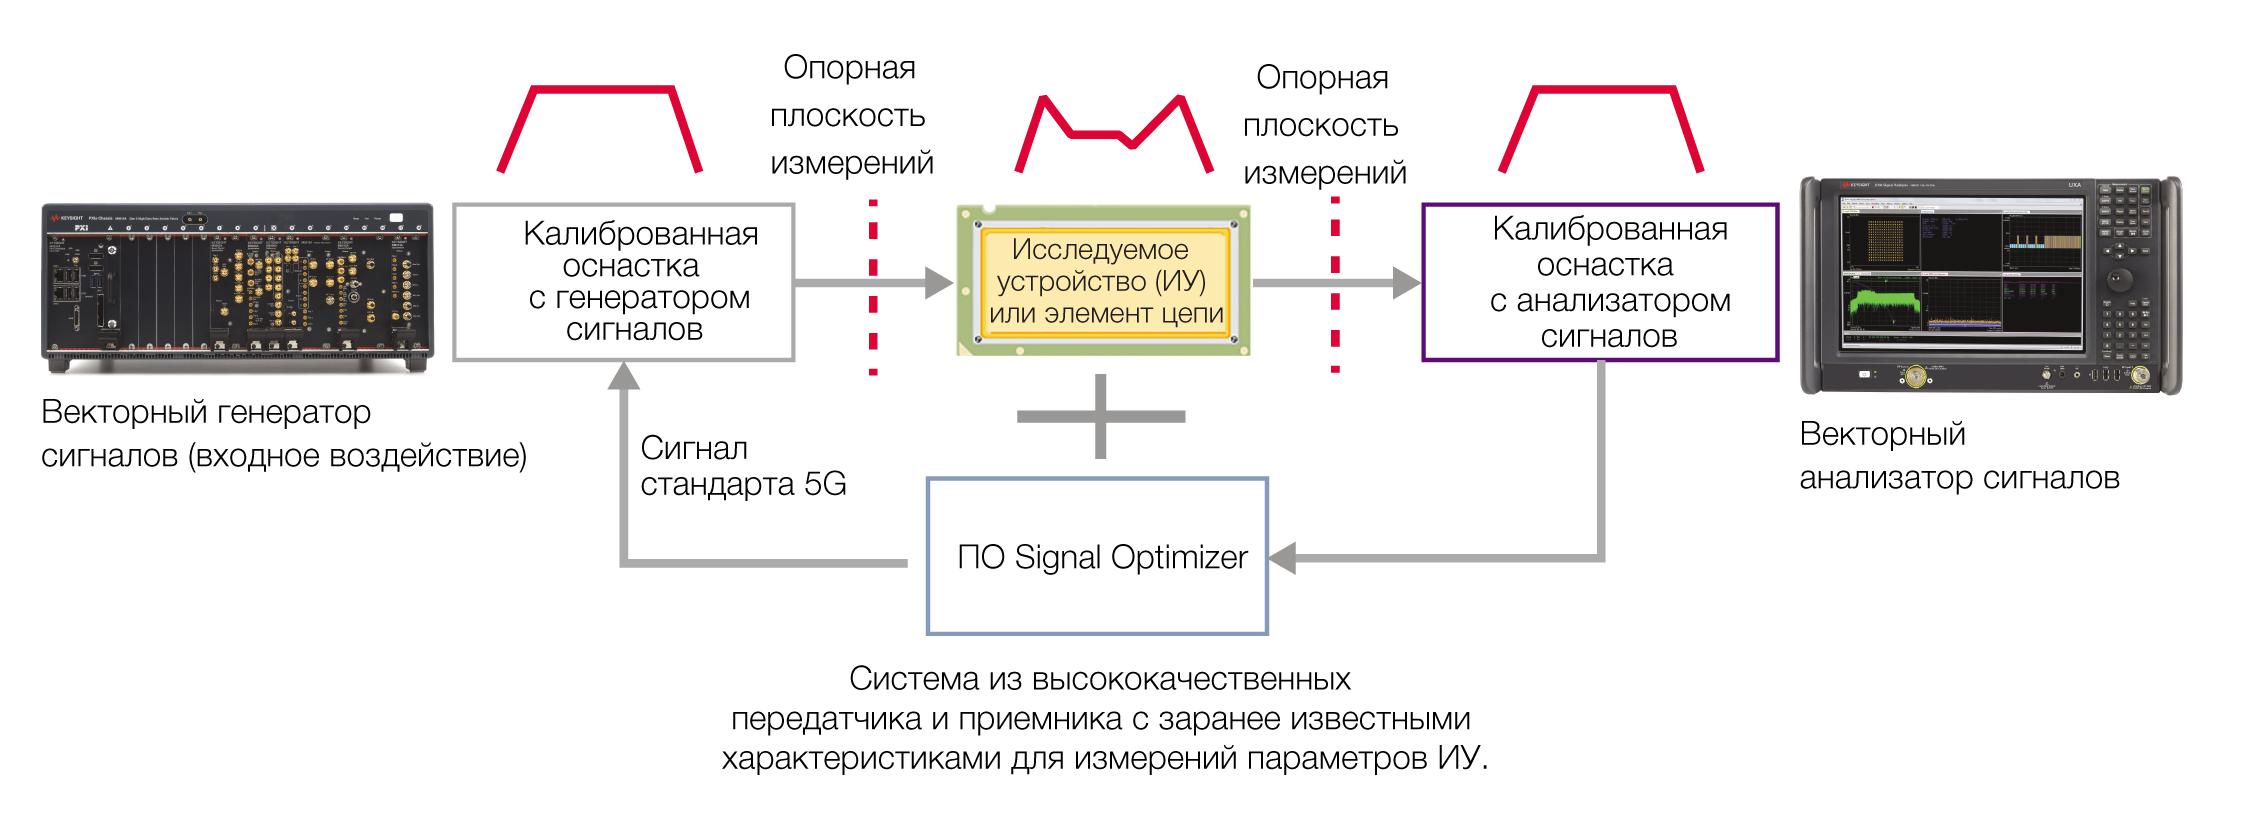 Схема стенда для испытаний устройств стандарта 5G на основе измерительных приборов и программного обеспечения, адаптированных для 5G NR, включая программное обеспечение Signal Optimizer